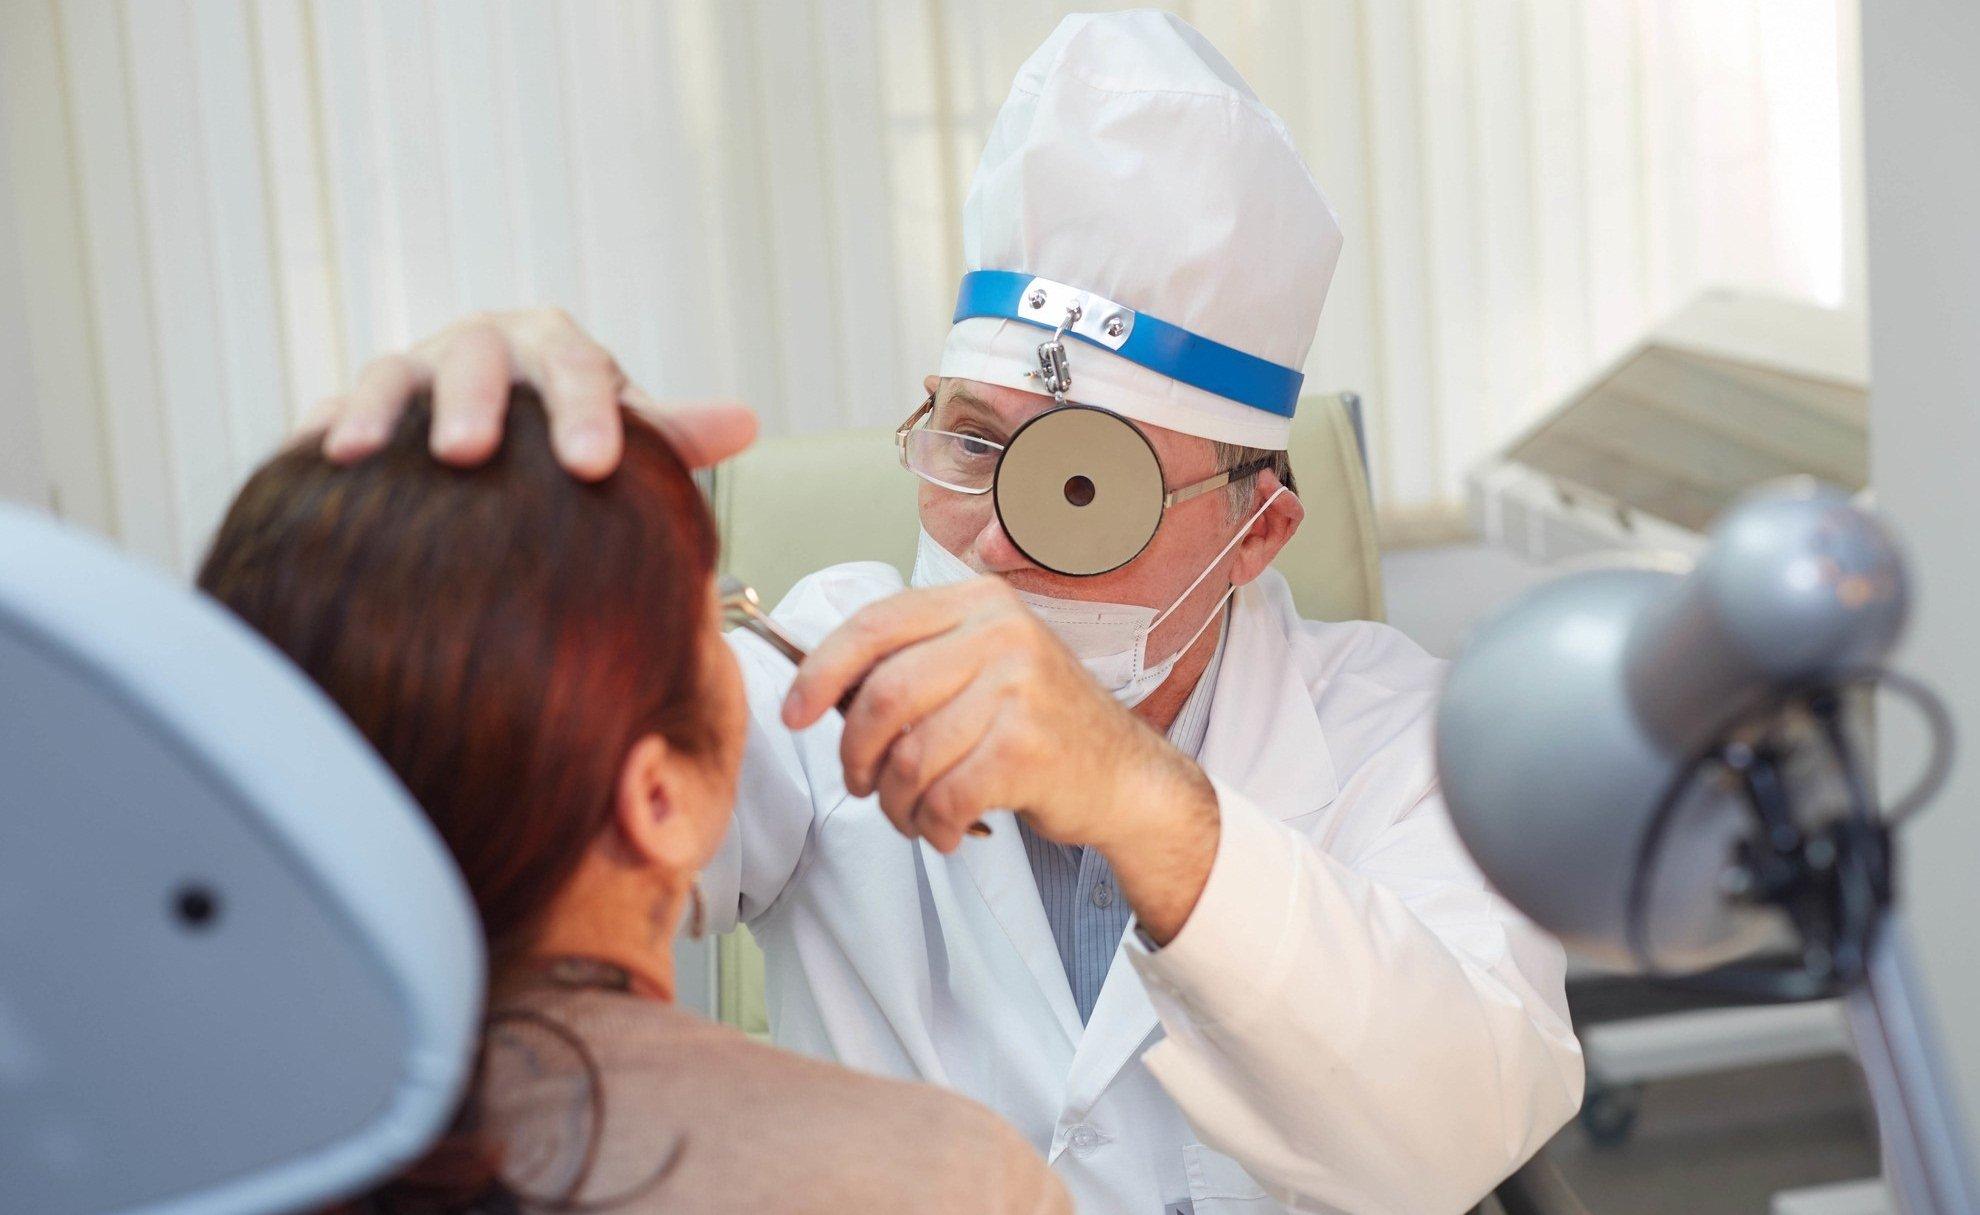 Оториноларинголог рассказал, чем опасен COVID-19 для ЛОР-больных